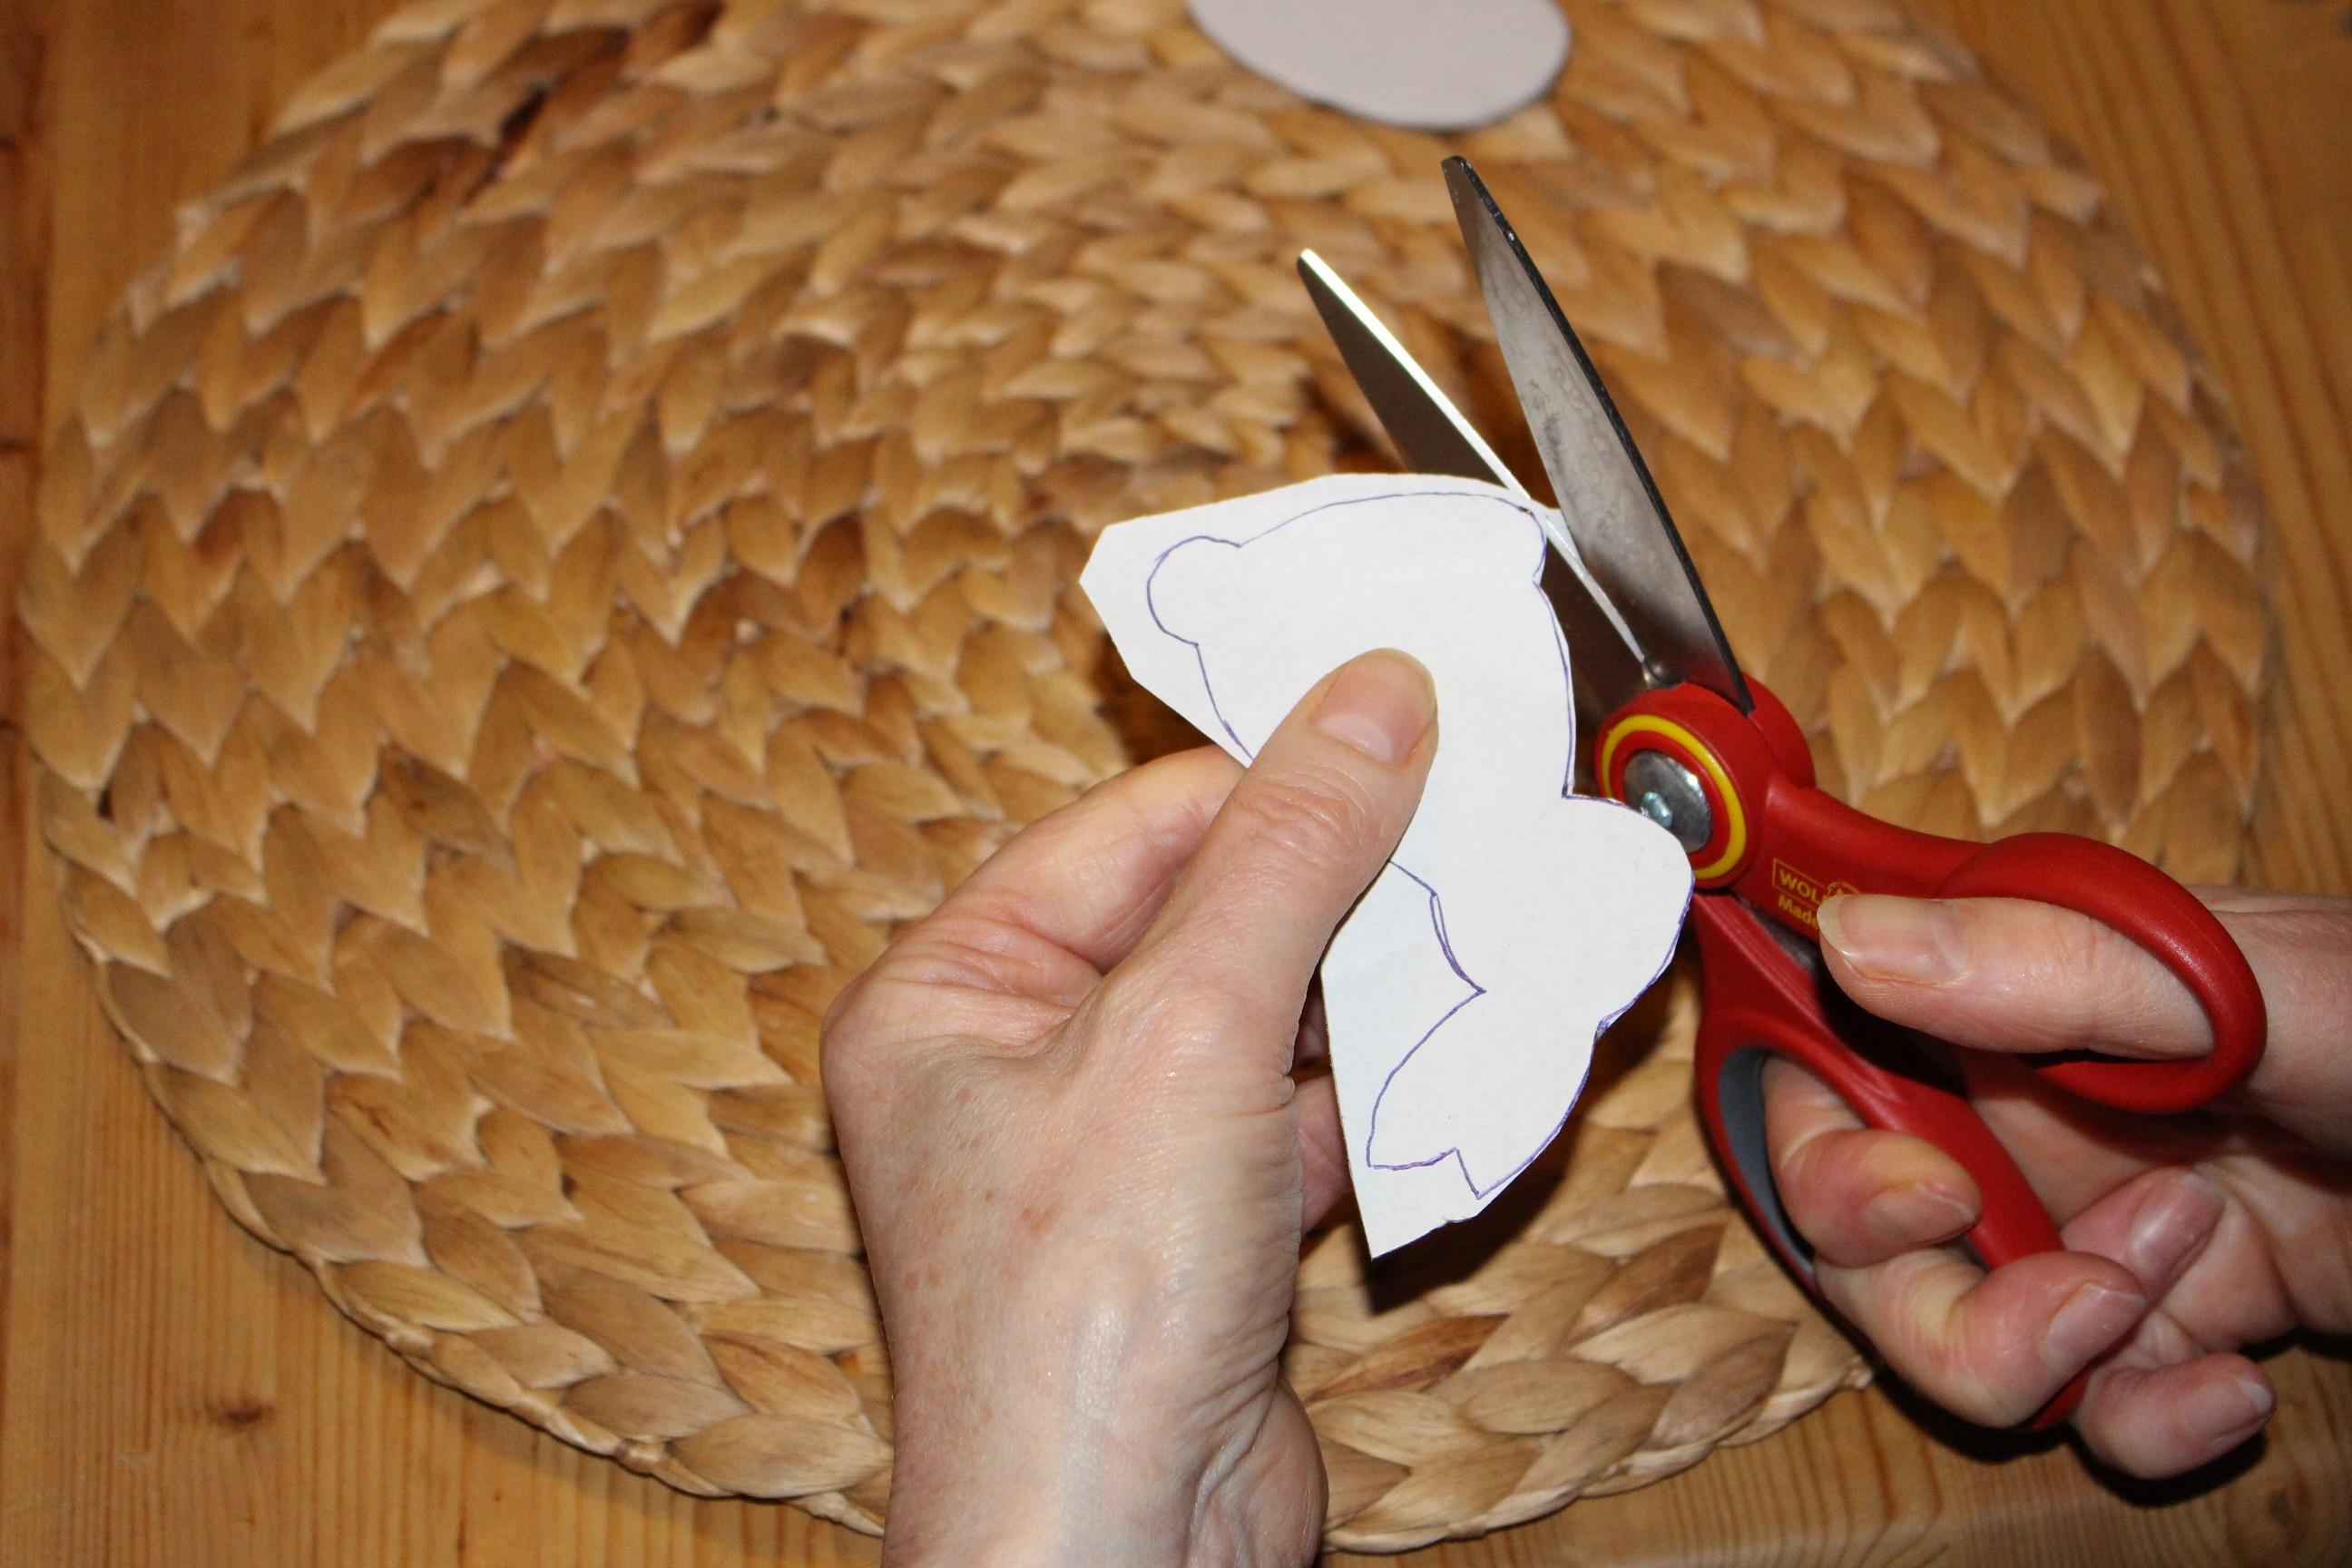 Modelliermasse Tipps osteranhänger aus modelliermasse mifus diy tutorial